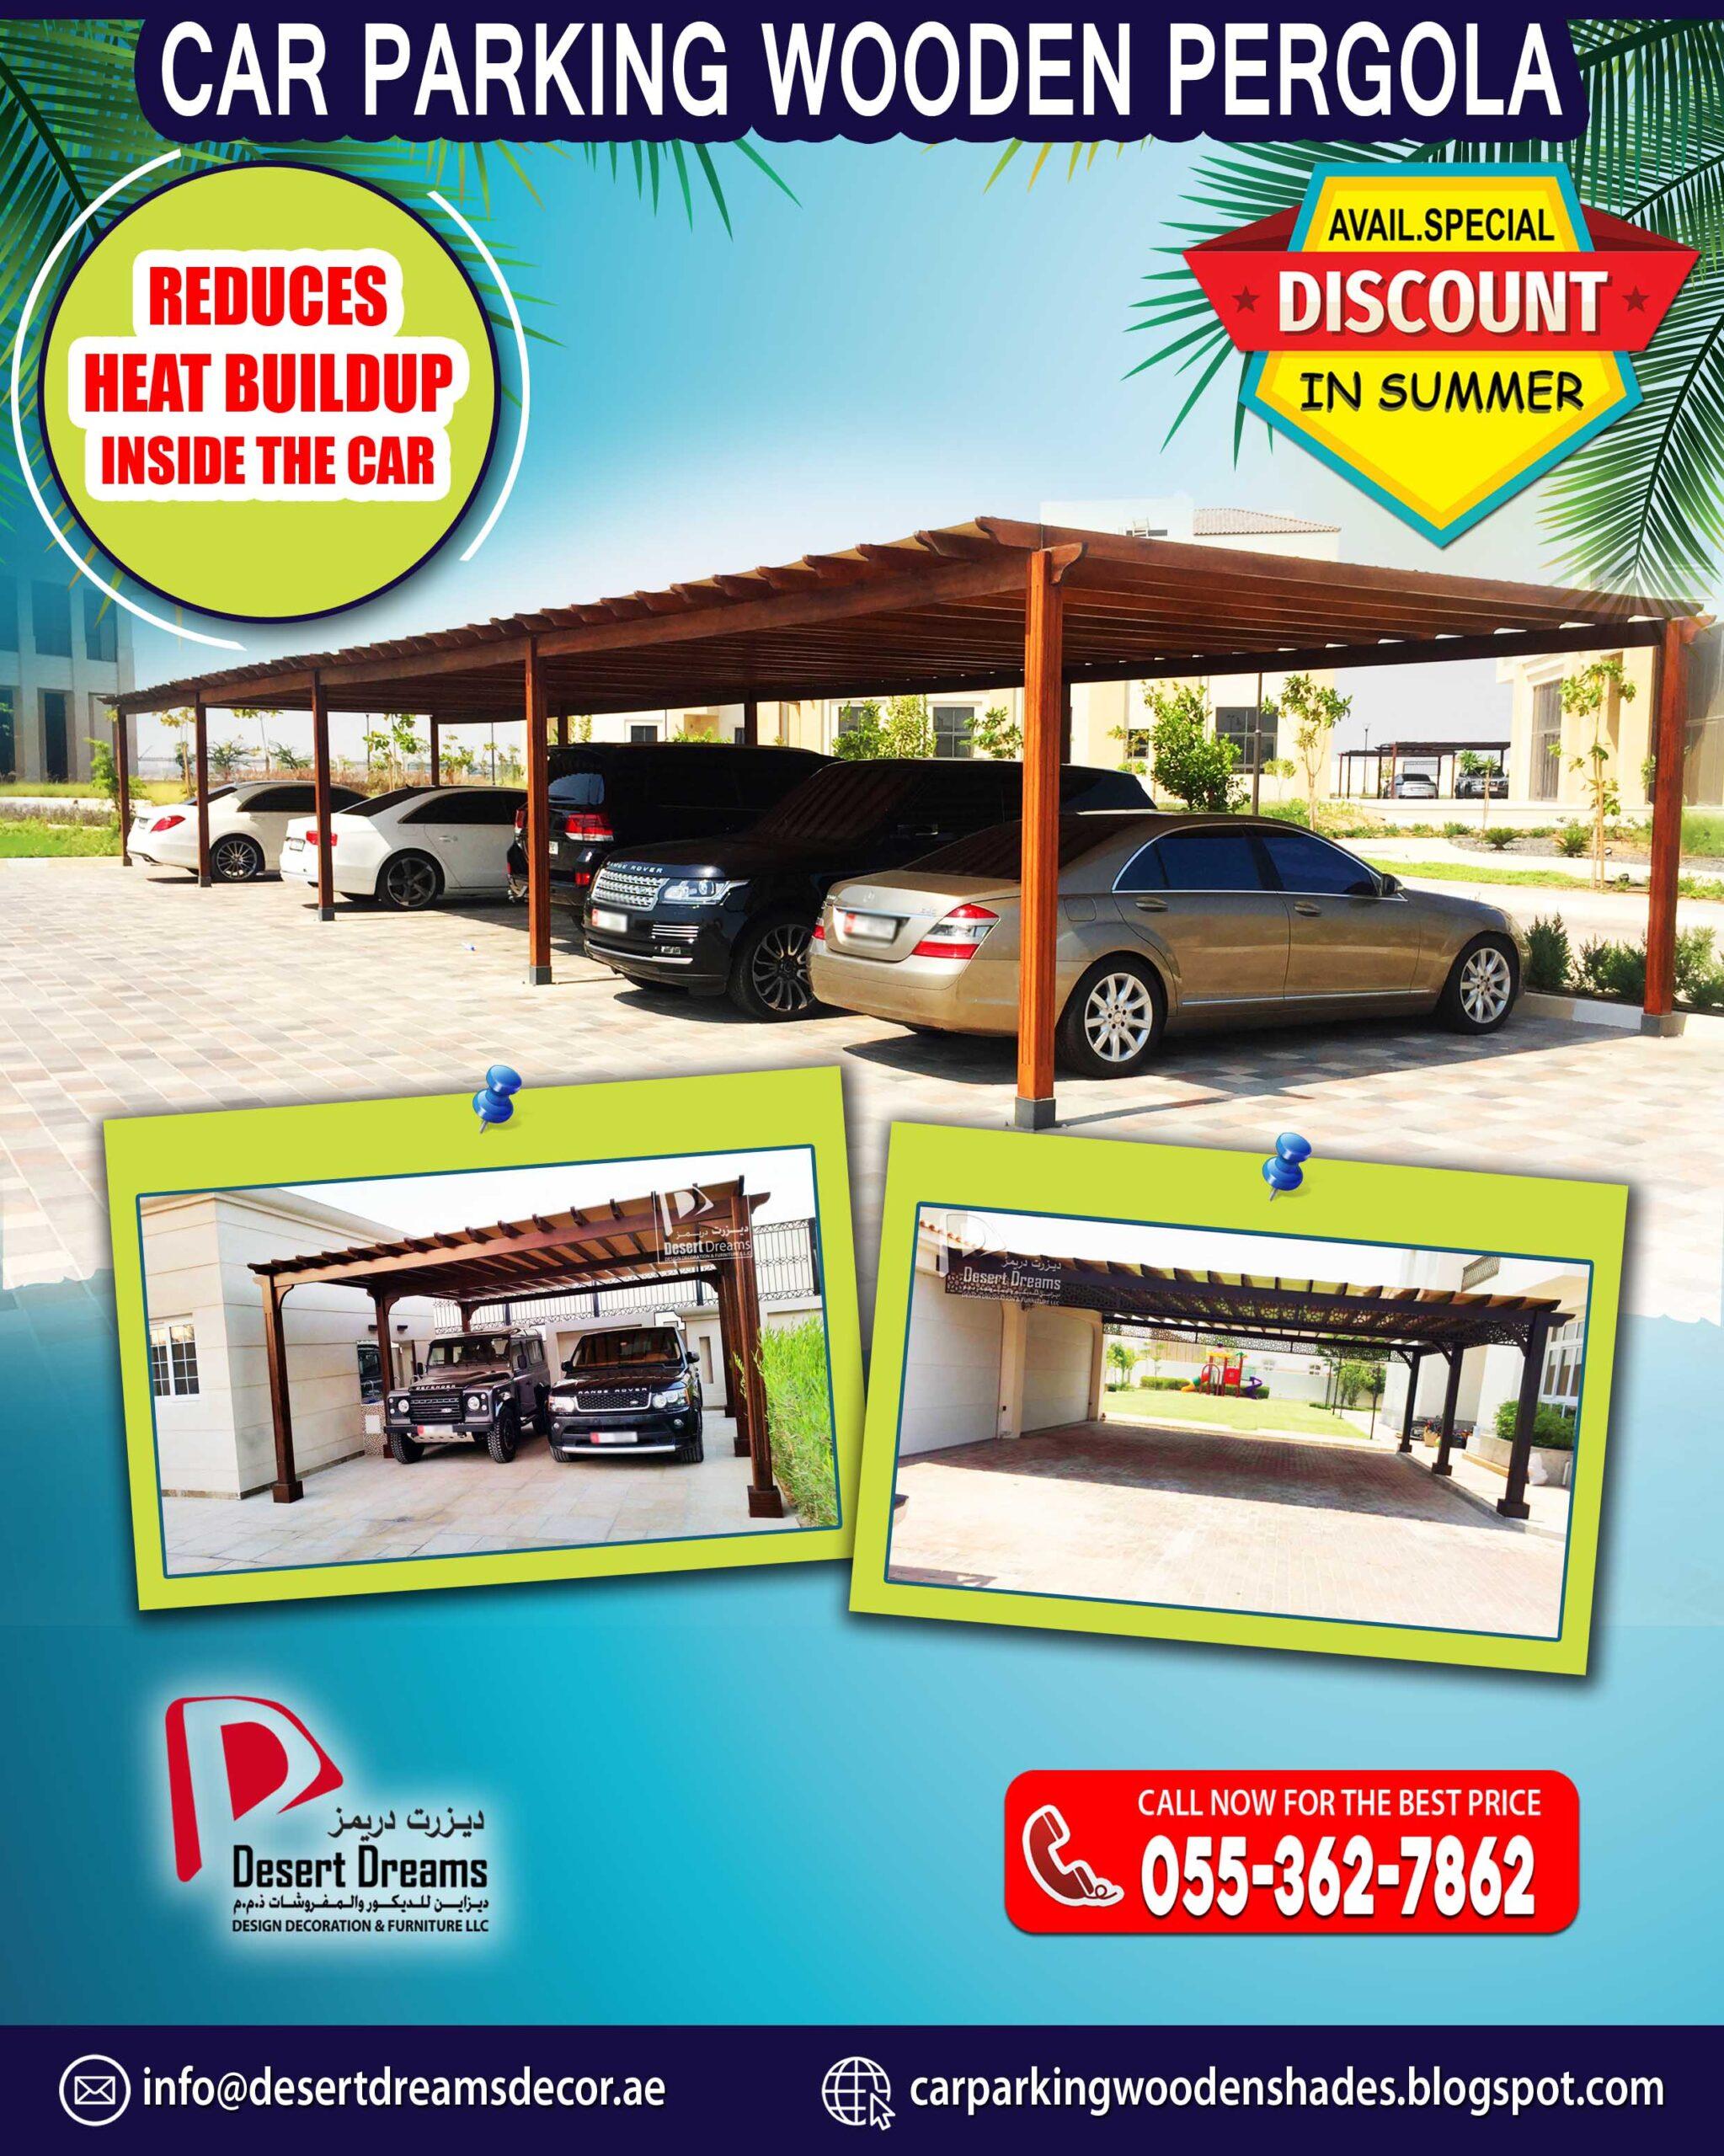 Car Parking Wooden Pergola Suppliers in UAE.jpg